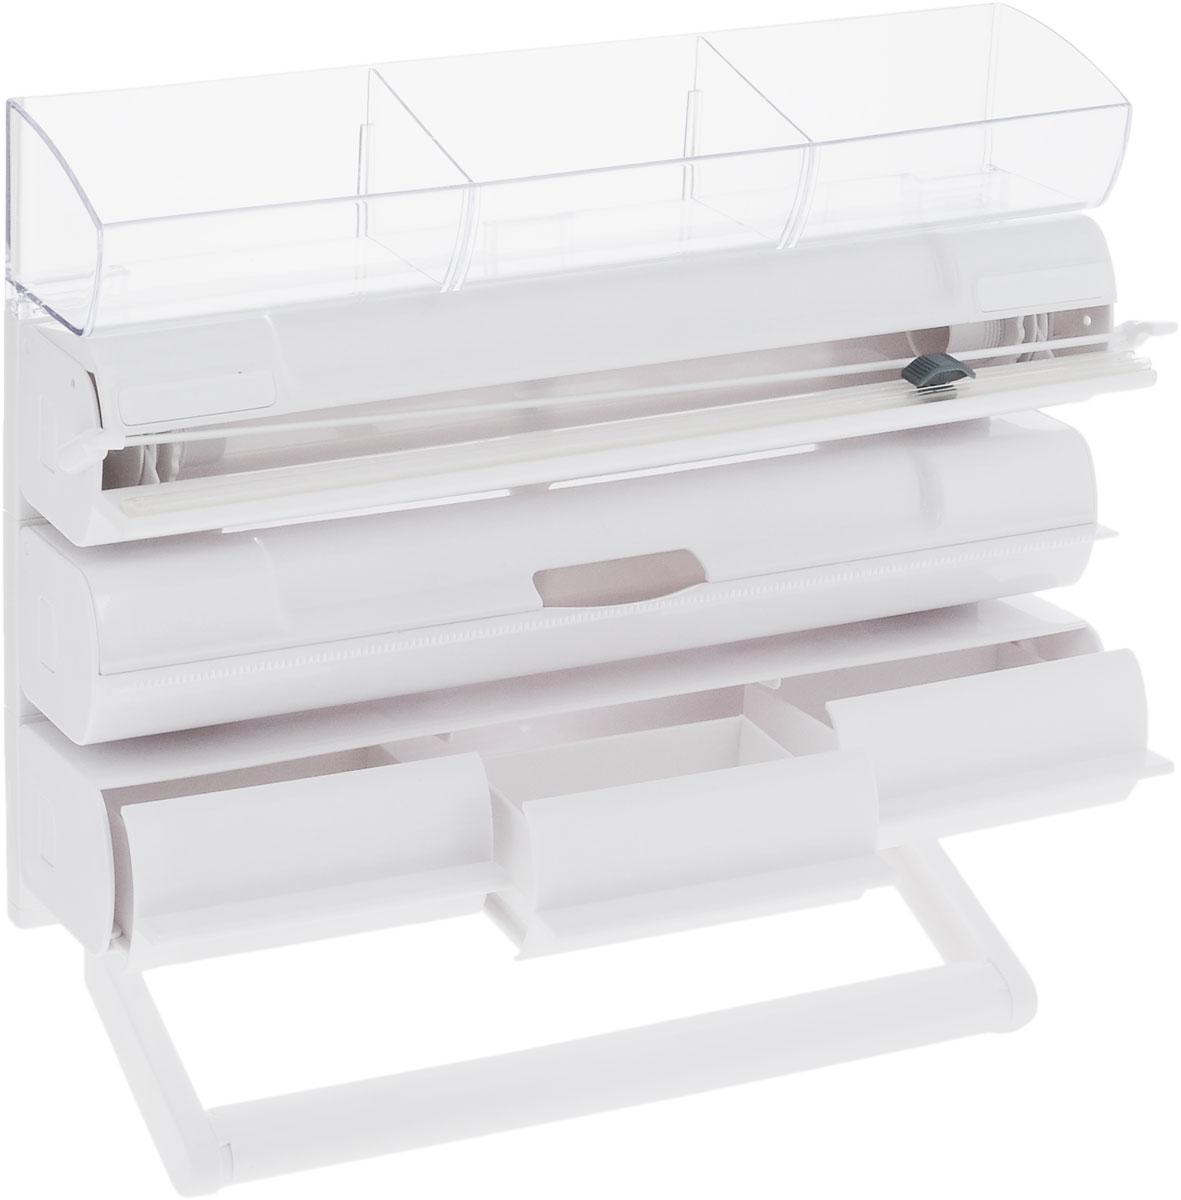 Органайзер кухонный Tescoma On Wall. 5 в 1, 30 х 38,5 х 8,5 см4630003364517Органайзер кухонный Tescoma On Wall. 5 в 1 выполнен из высококачественного пластика. Применяется для хранения и использования пищевой пленки, алюминиевой фольги и бумажных полотенец. Размещается на стене. Имеет прозрачную полку с тремя выдвижными ящиками для хранения мелких кухонных принадлежностей. Диспенсеры для пищевой пленки / алюминиевой фольги можно извлечь из органайзера и использовать отдельно. Конец пленки не прилипает к диспенсеру. В комплекте прилагаются инструкции и крепежи.Общий размер органайзера: 30 х 38,5 х 8,5 см.